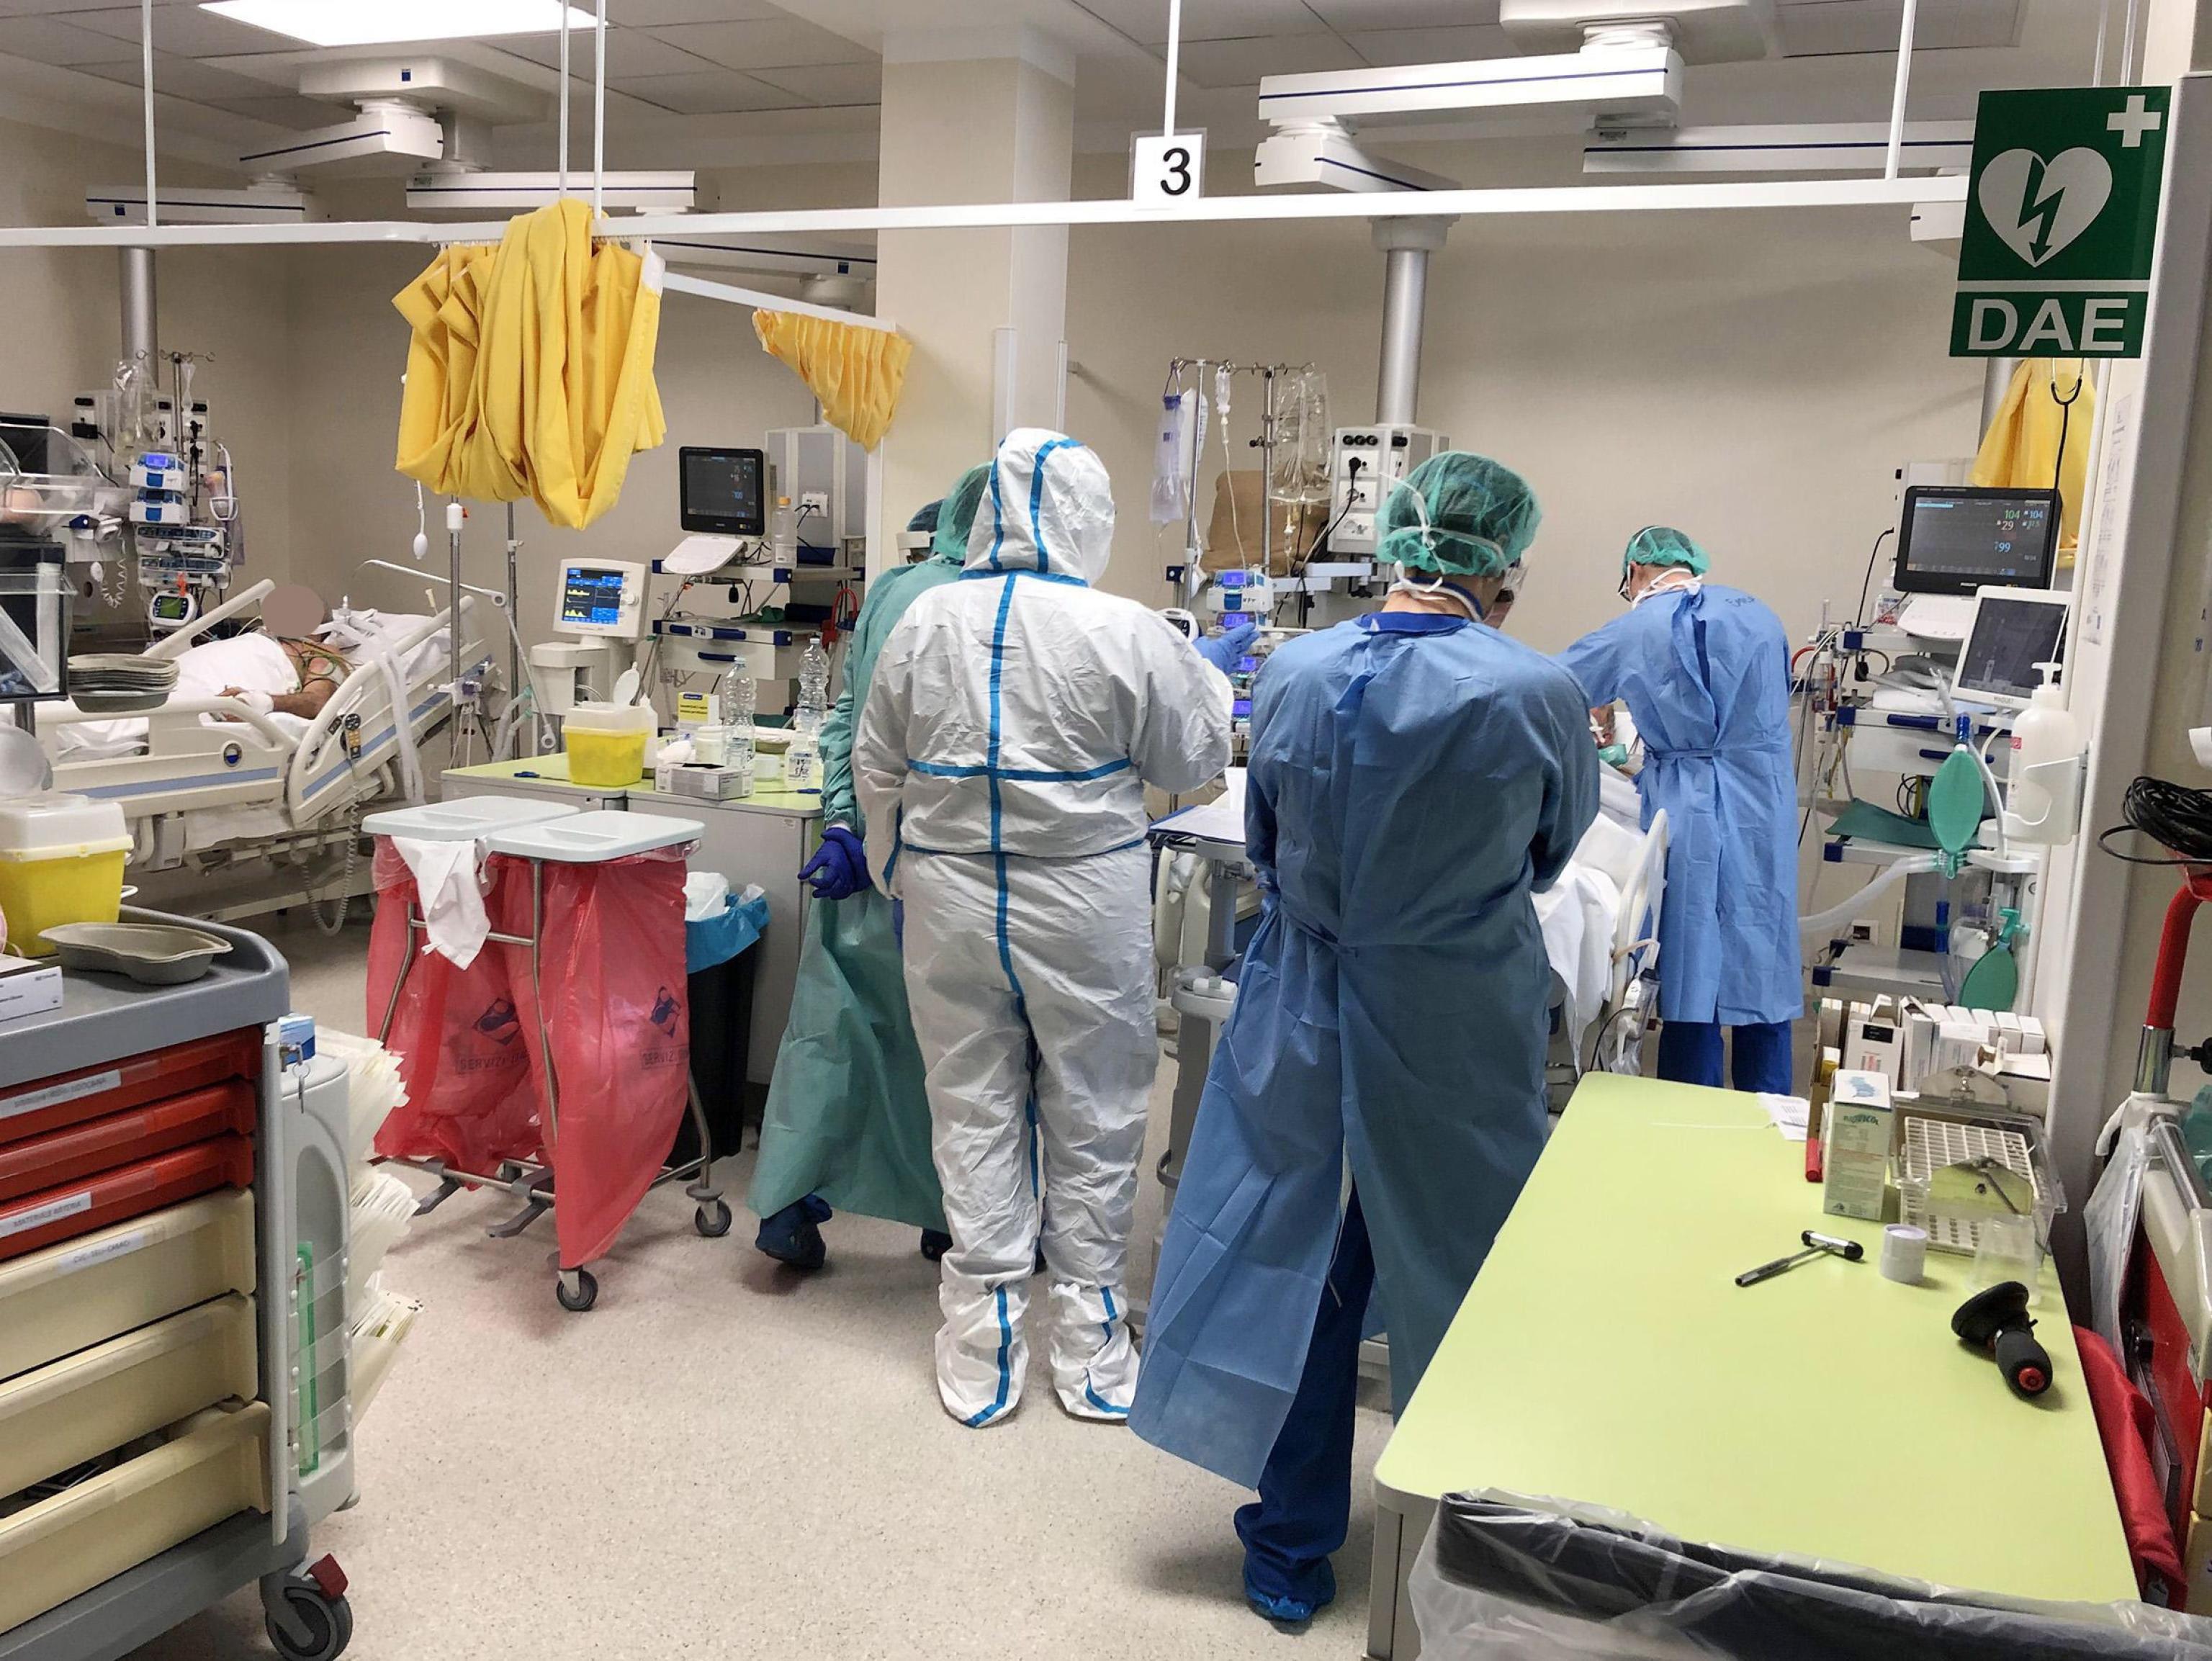 <p>В италианската болница &bdquo;Оглио По&rdquo; 25 от 90-те лекари са заразени с новия коронавирус, което увеличава натиска върху здравата система, която вече е претоваренаот пандемията.</p>